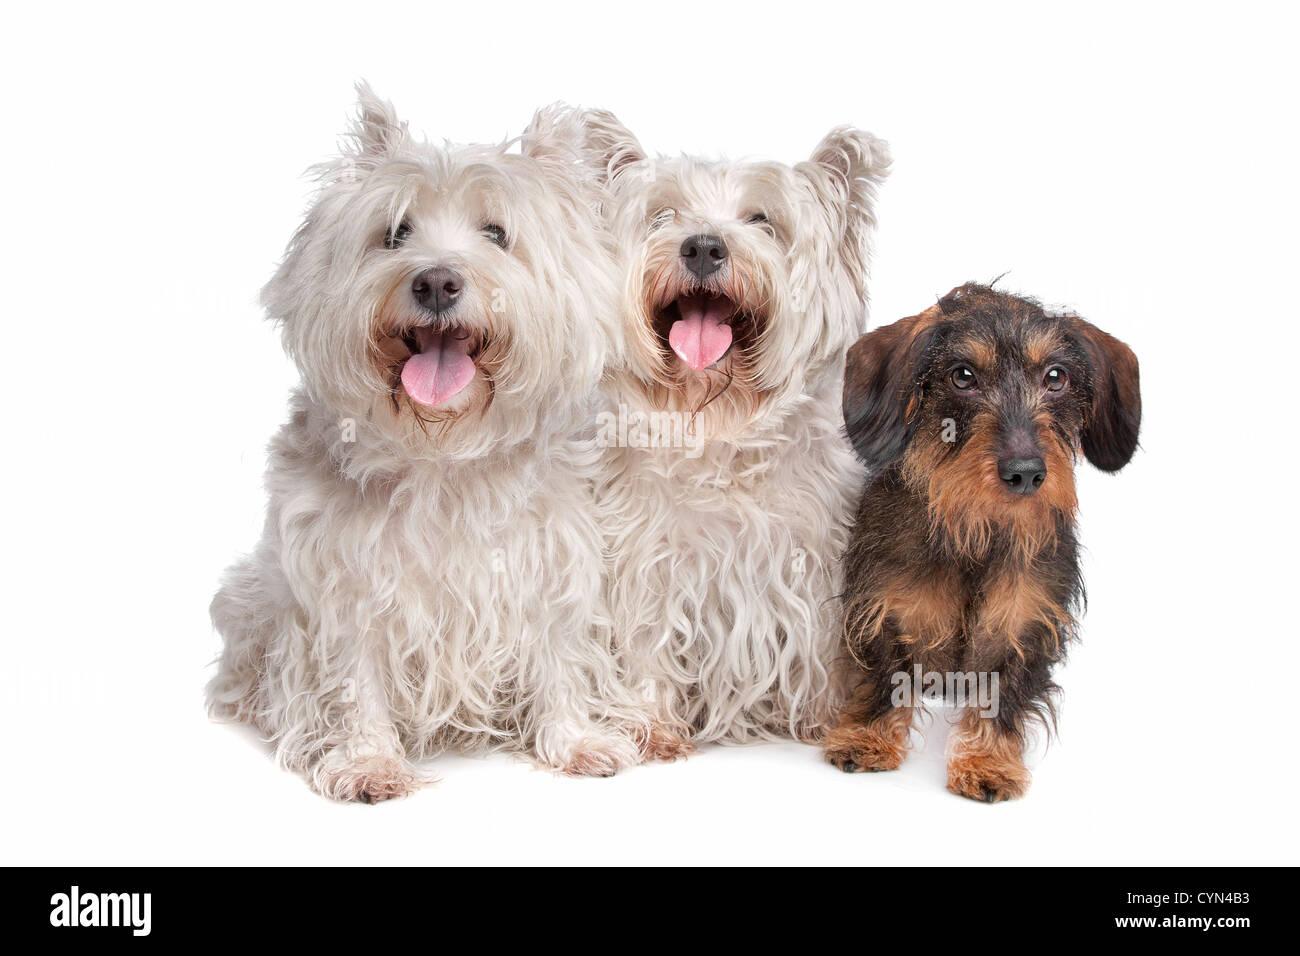 Wire Haired Terrier Stockfotos & Wire Haired Terrier Bilder - Seite ...